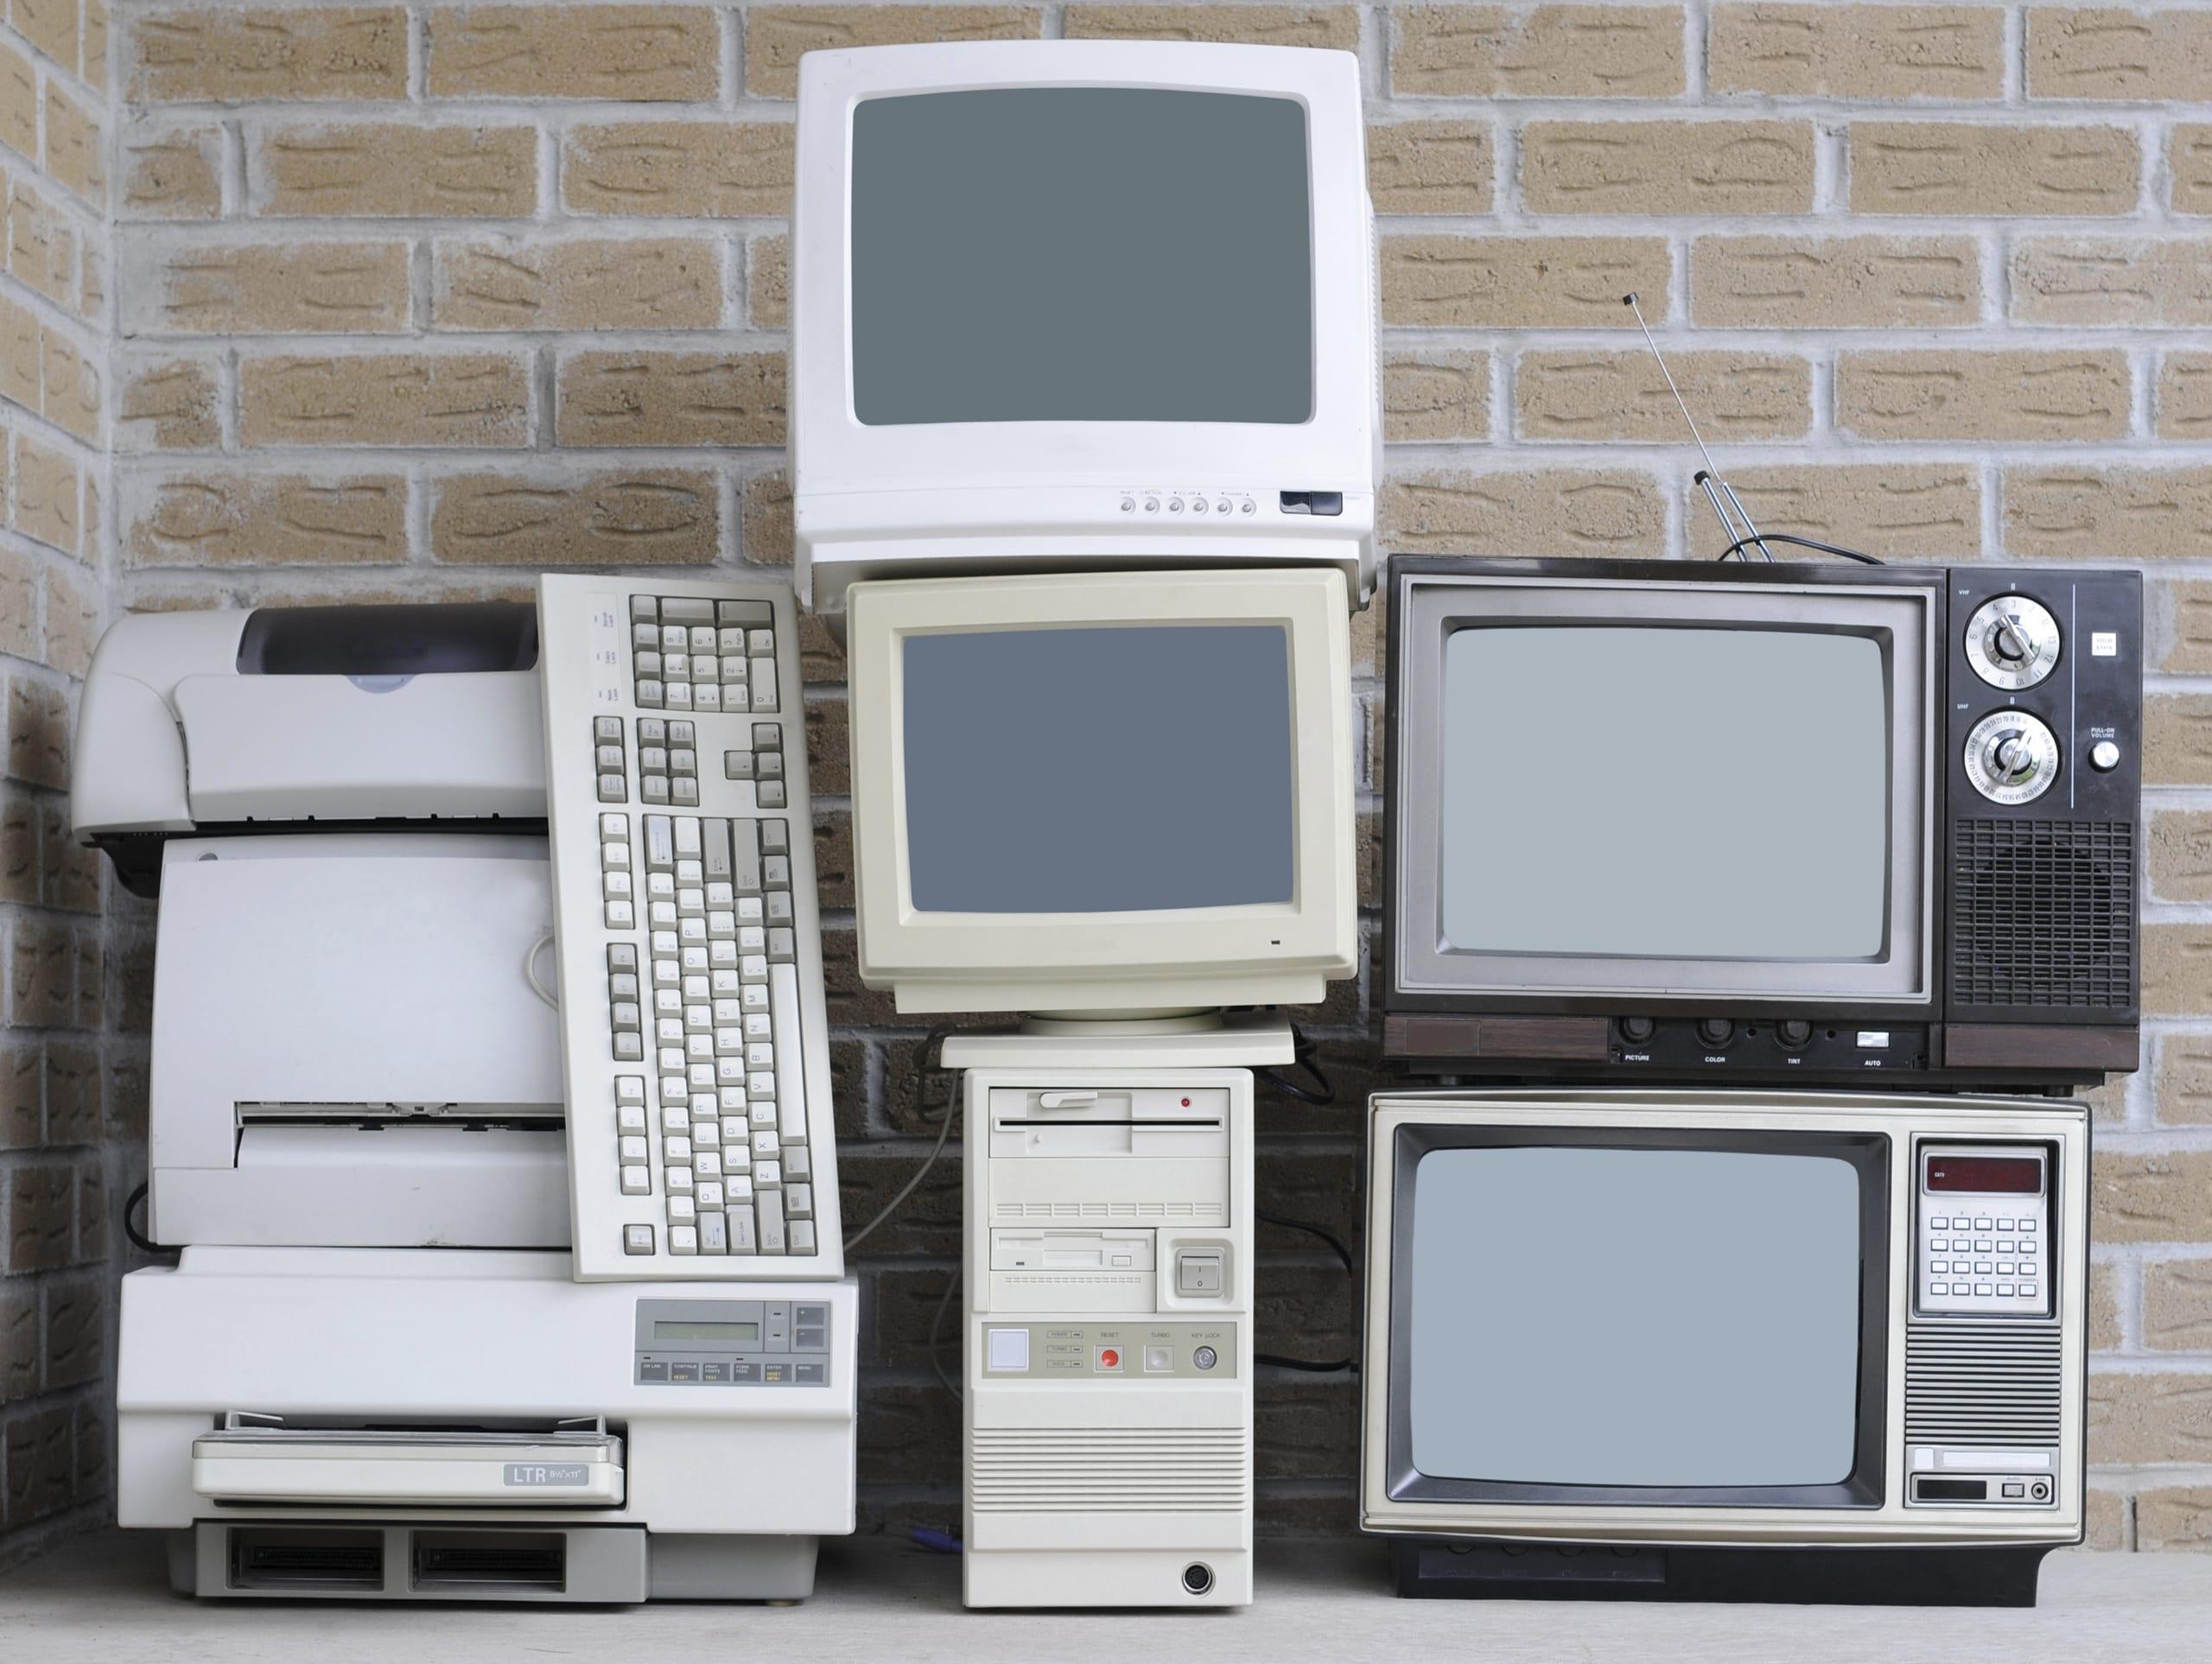 Obsolescenza programmata elettrodomestici: in Francia viene punita con carcere e multe